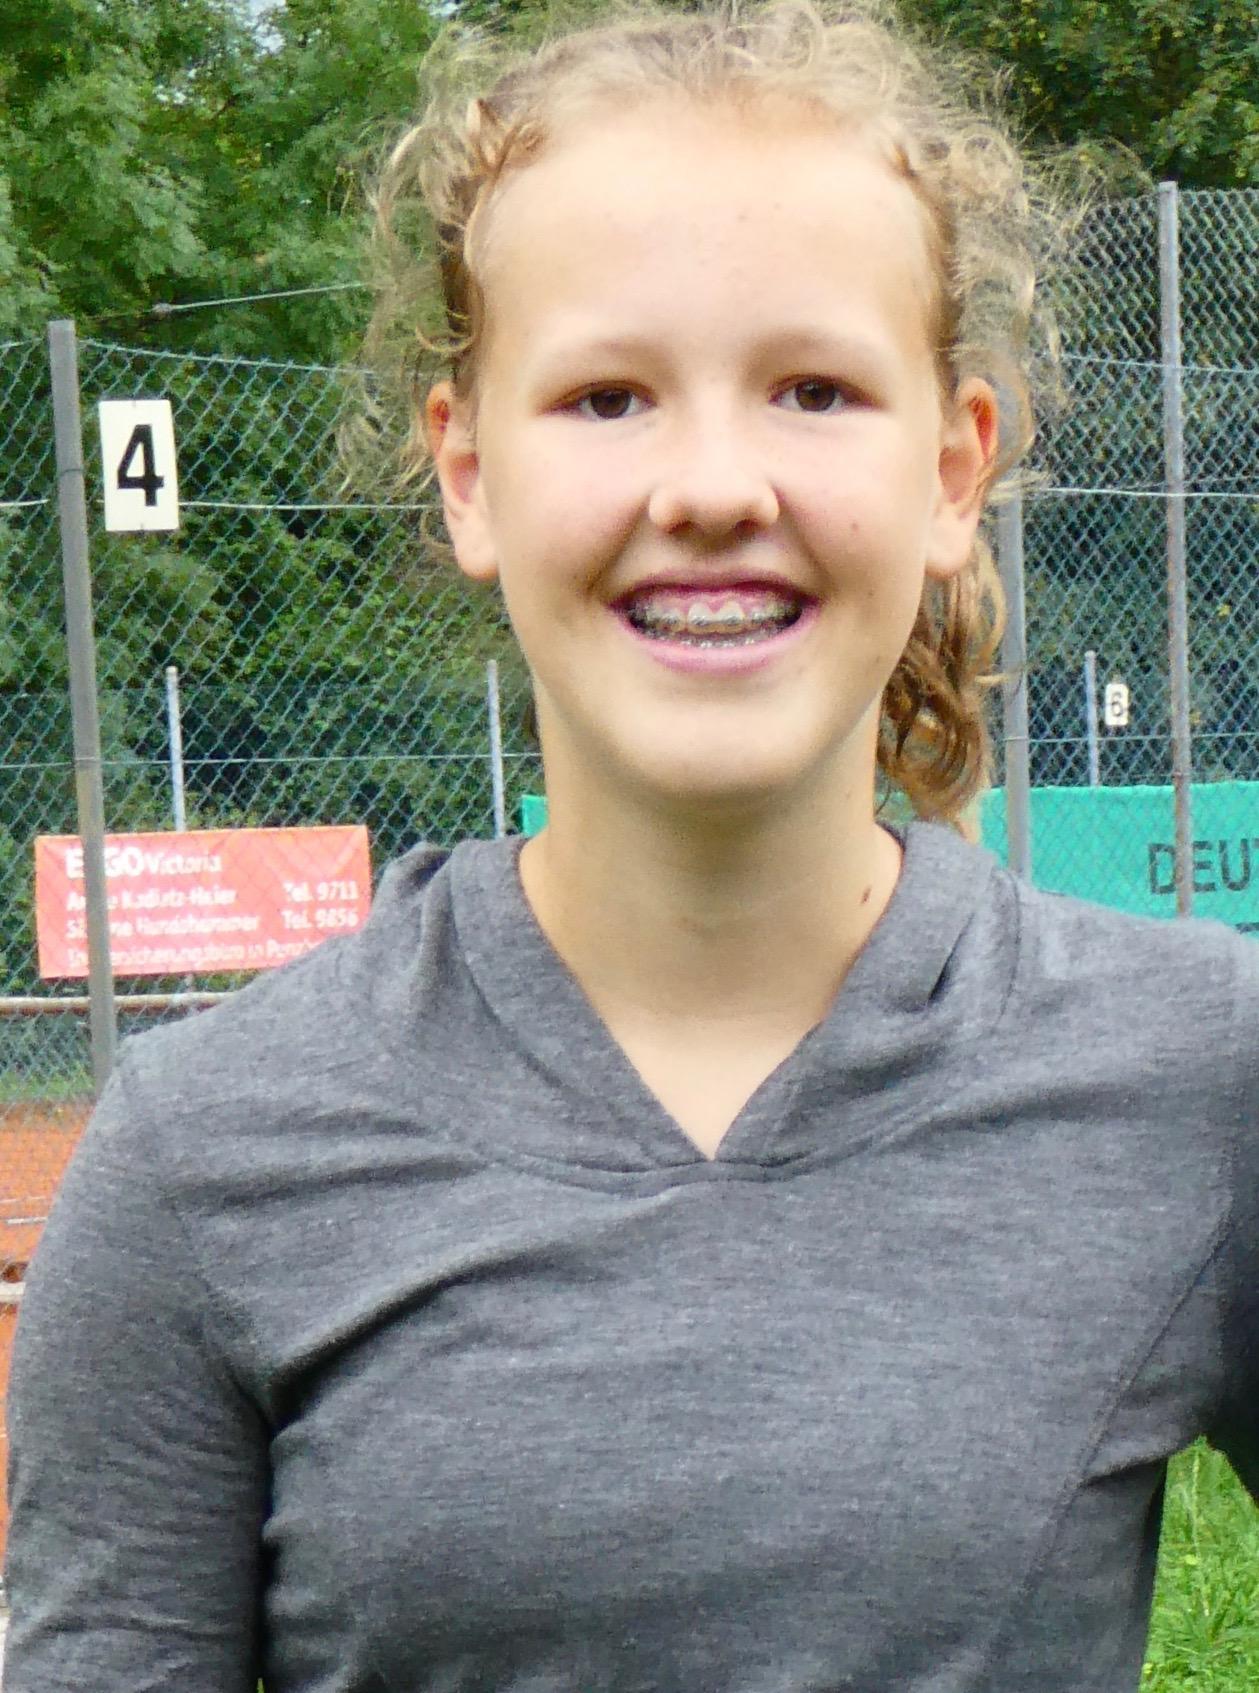 Emily weidner